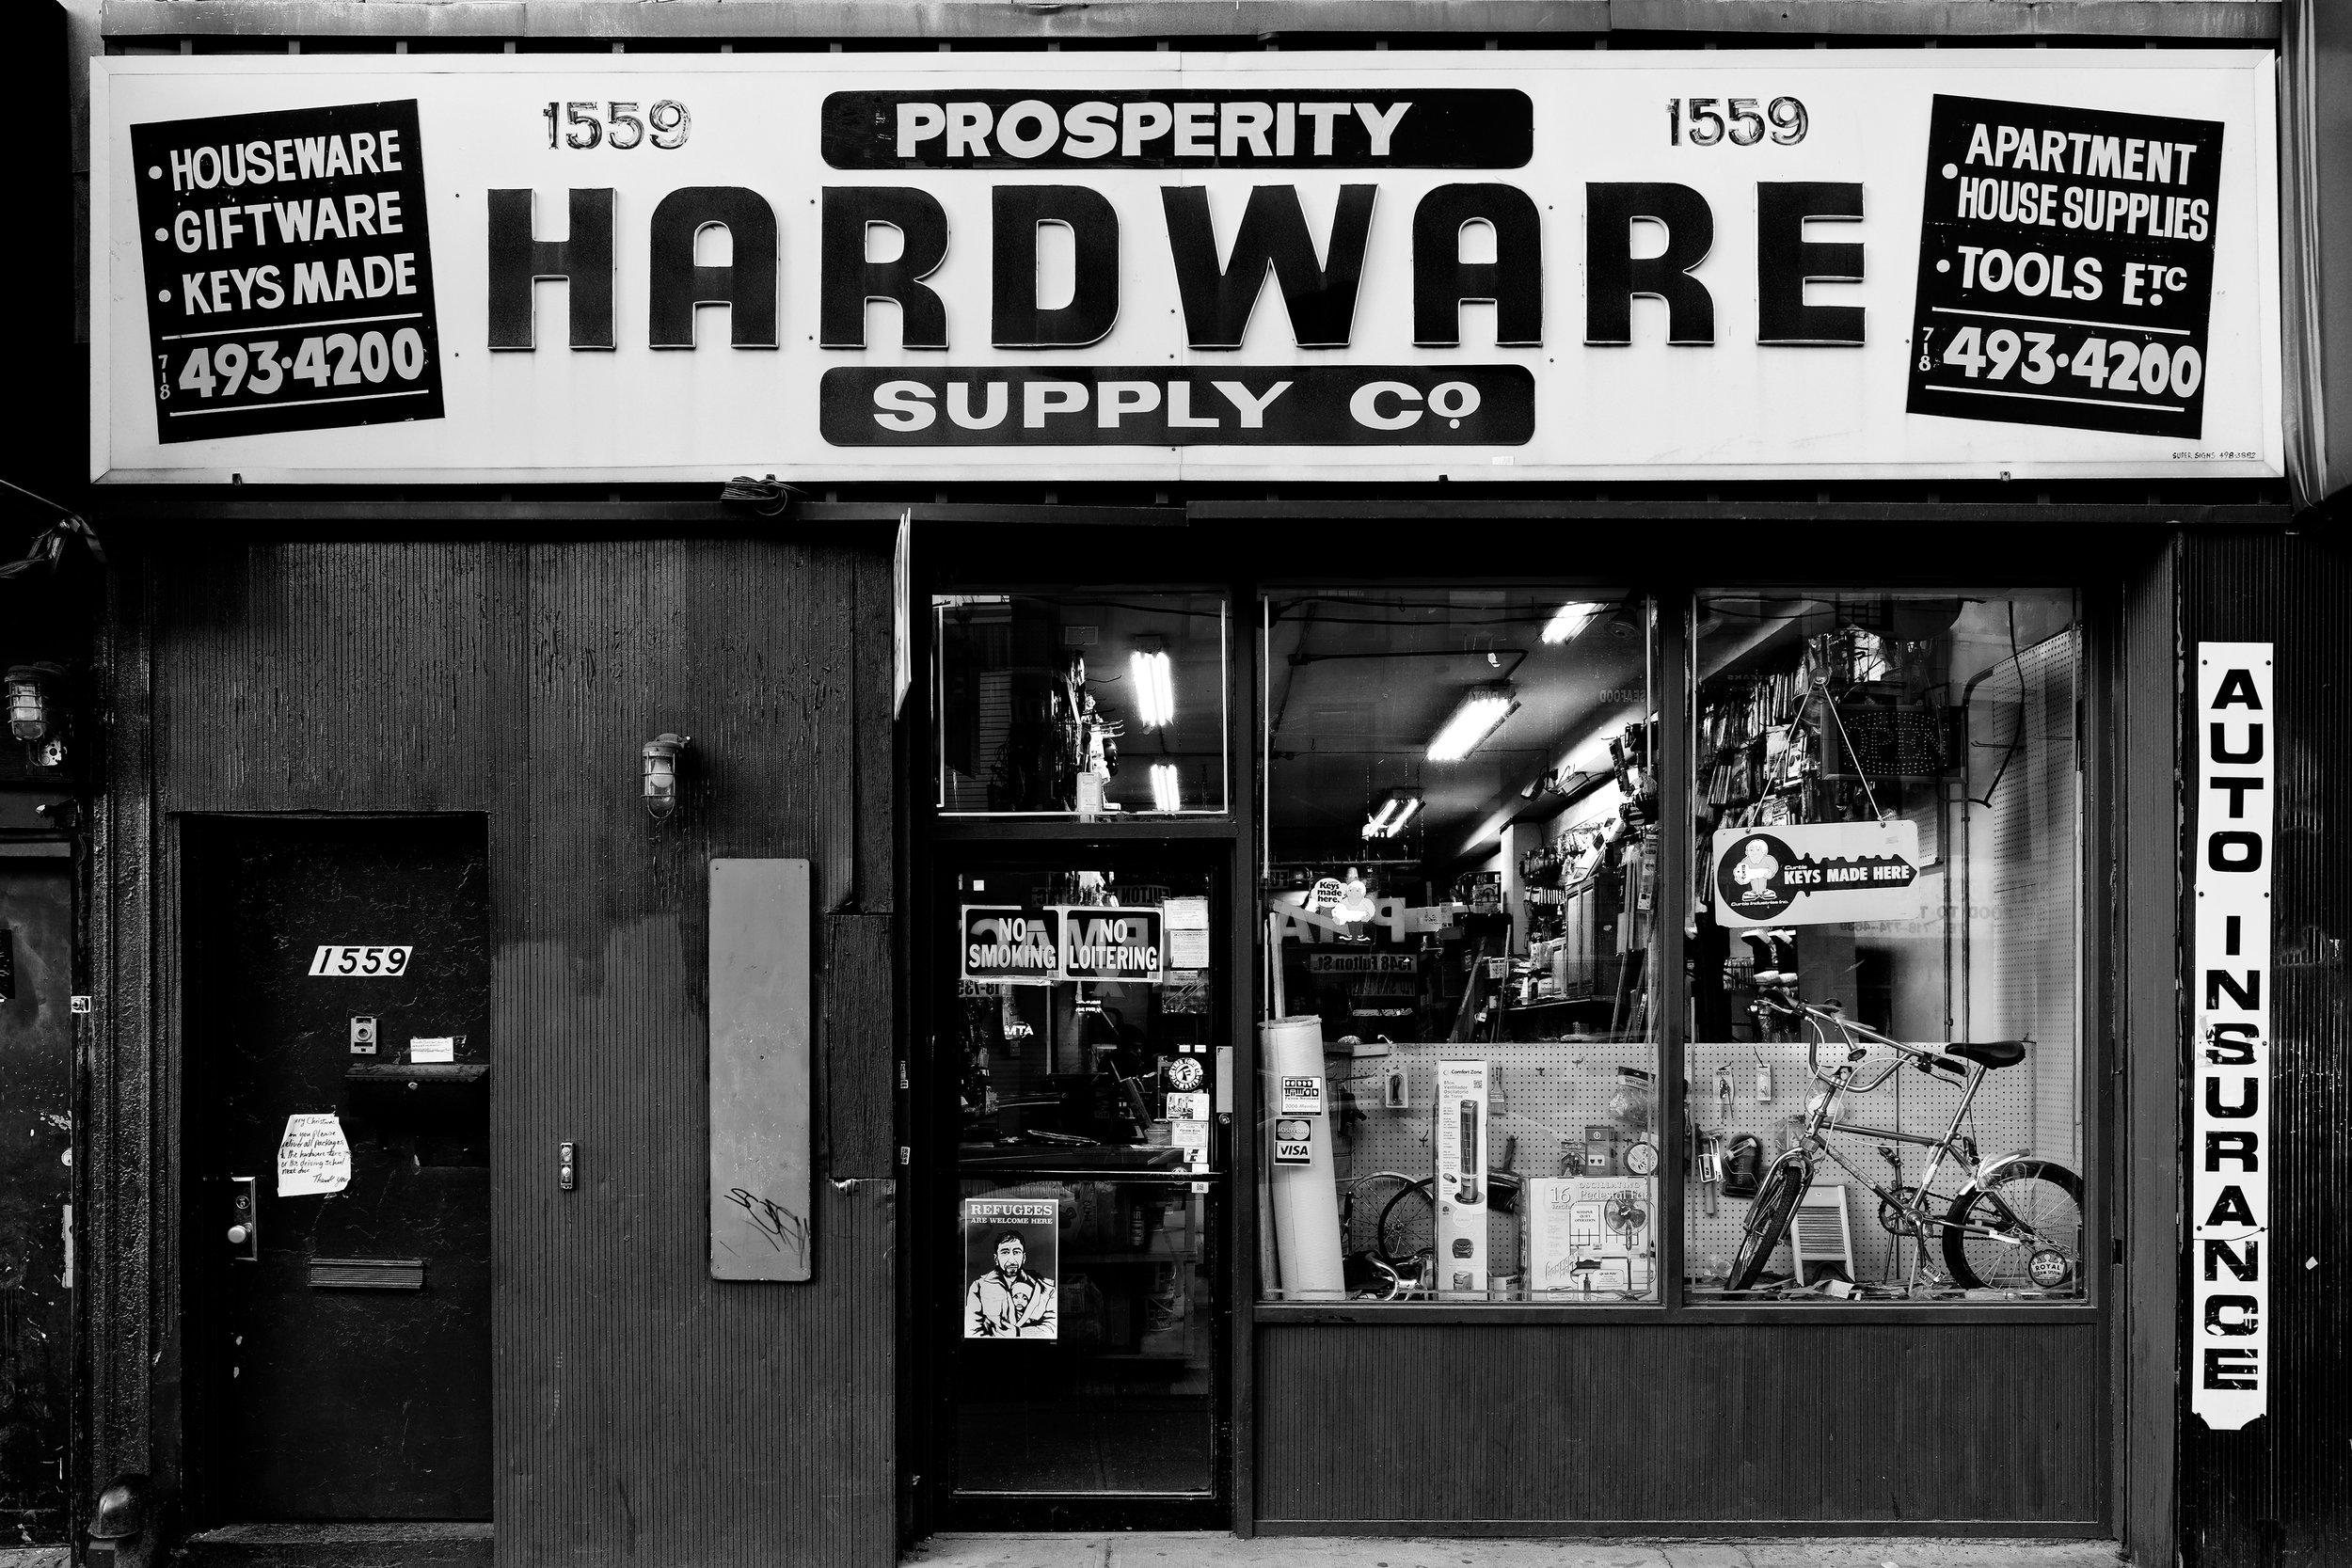 ProsperityHardware_3213.jpg